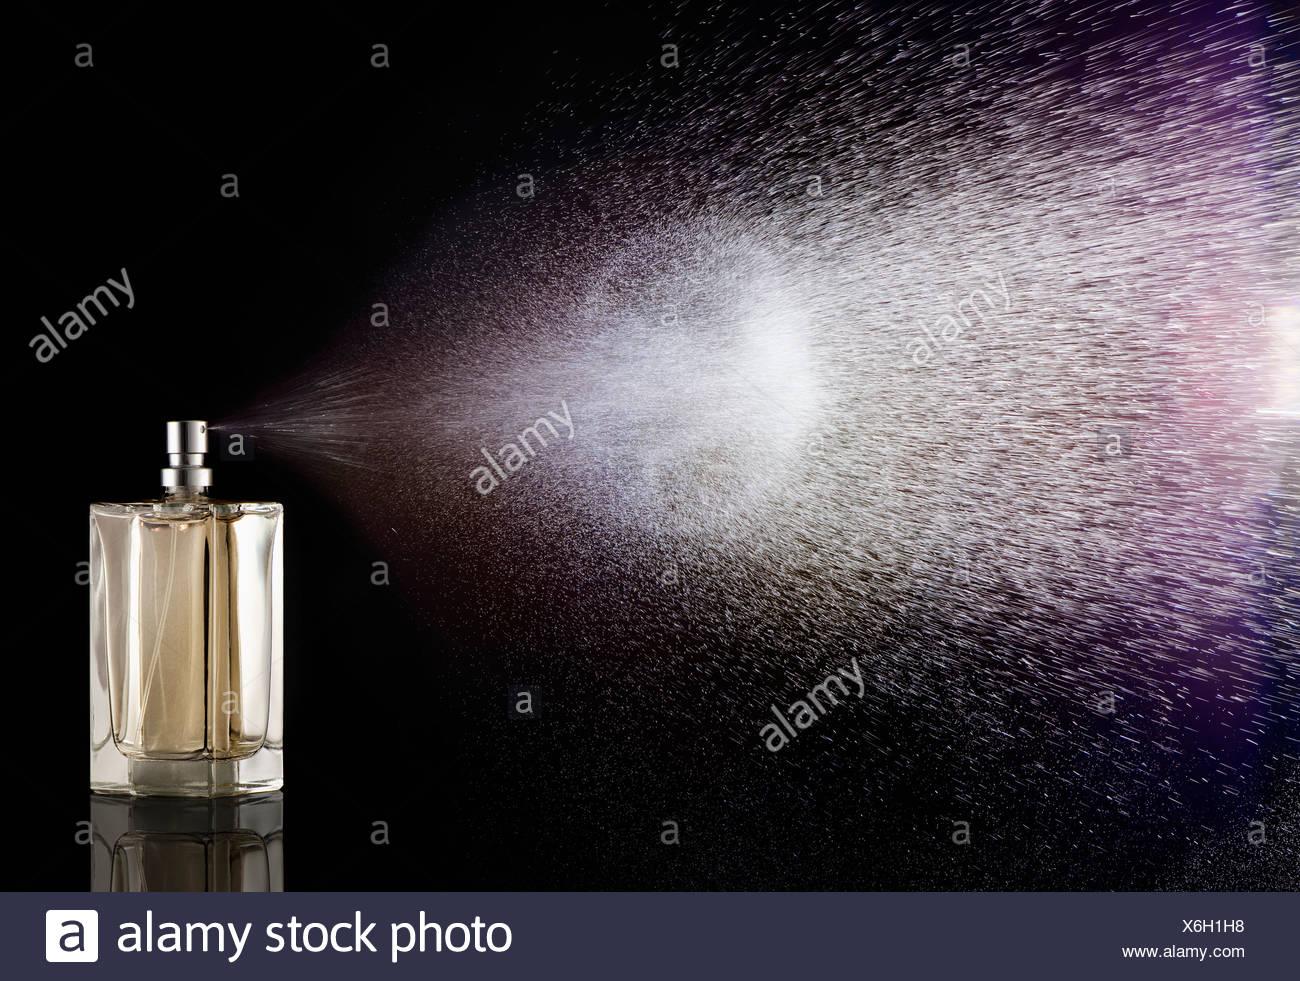 Parfüm Sprühen aus der Flasche Stockbild